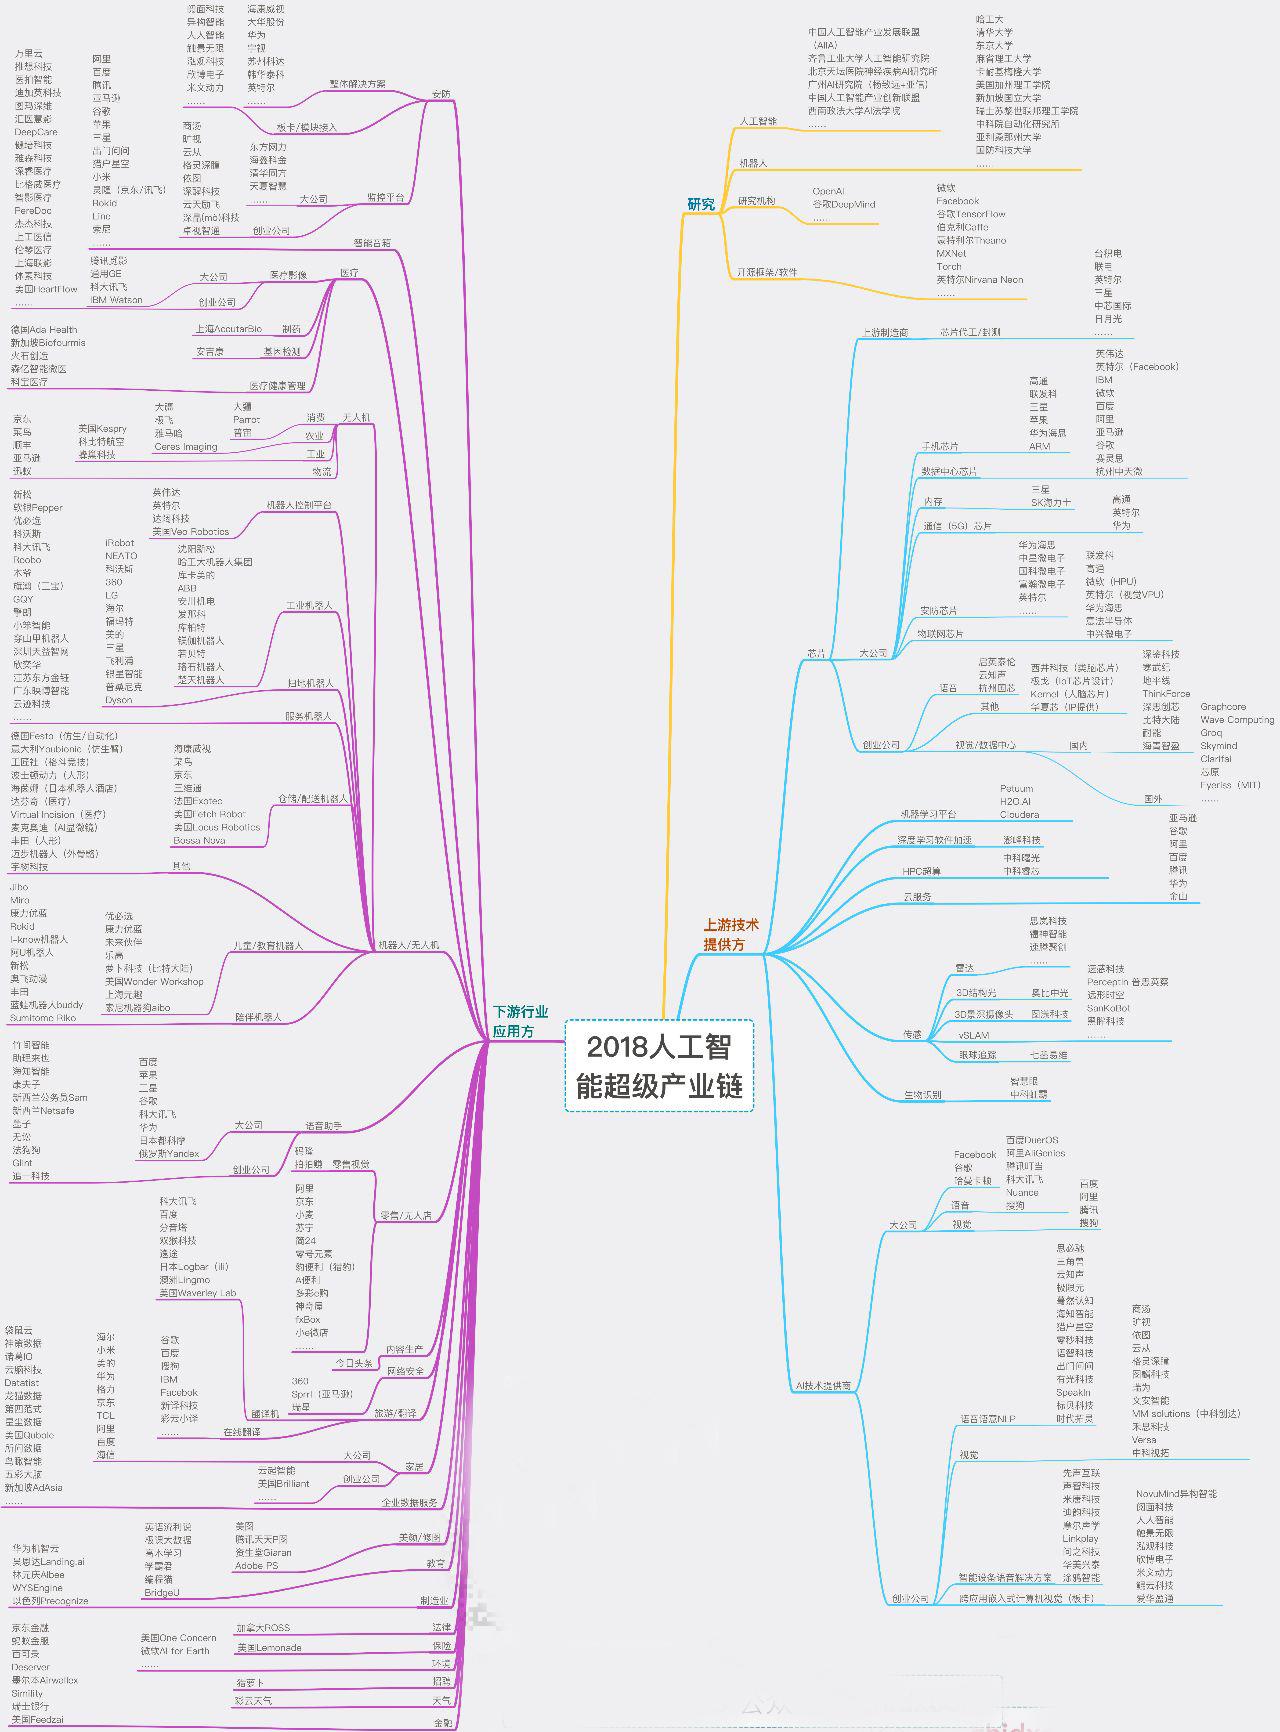 2018人工智能超级产业链地图